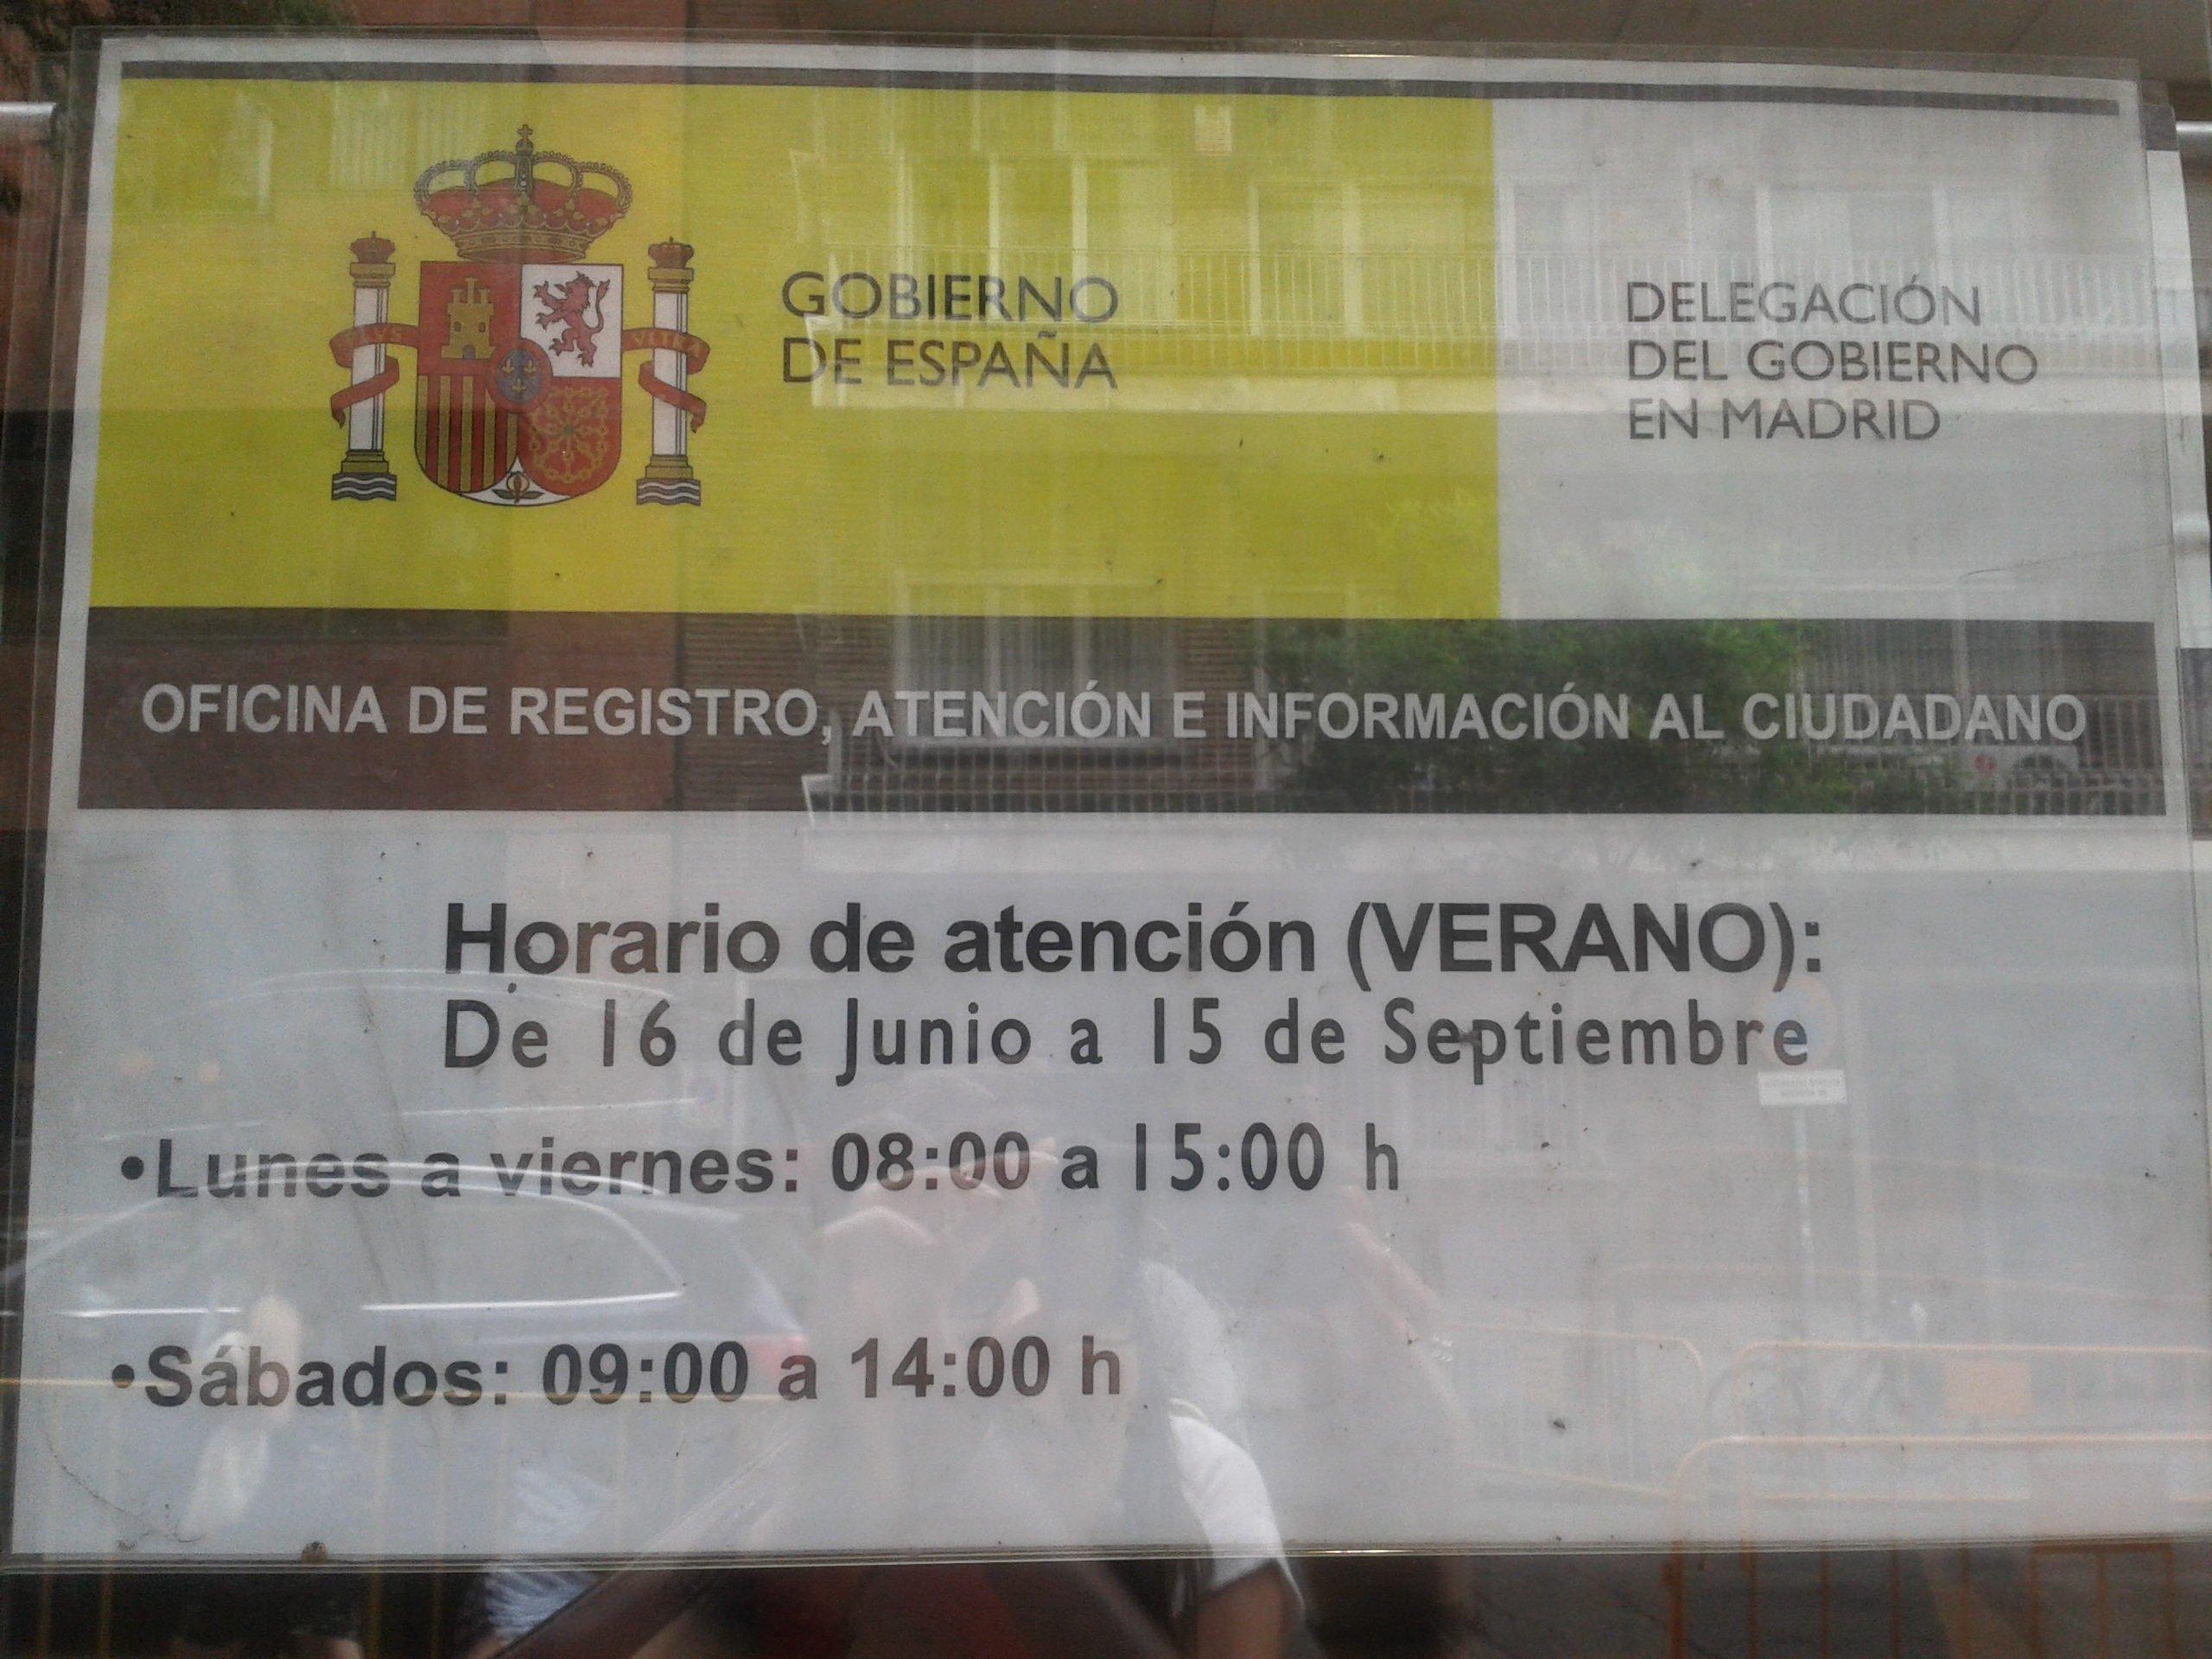 Horario verano registro delegaci n del gobierno blog for Oficina registro madrid